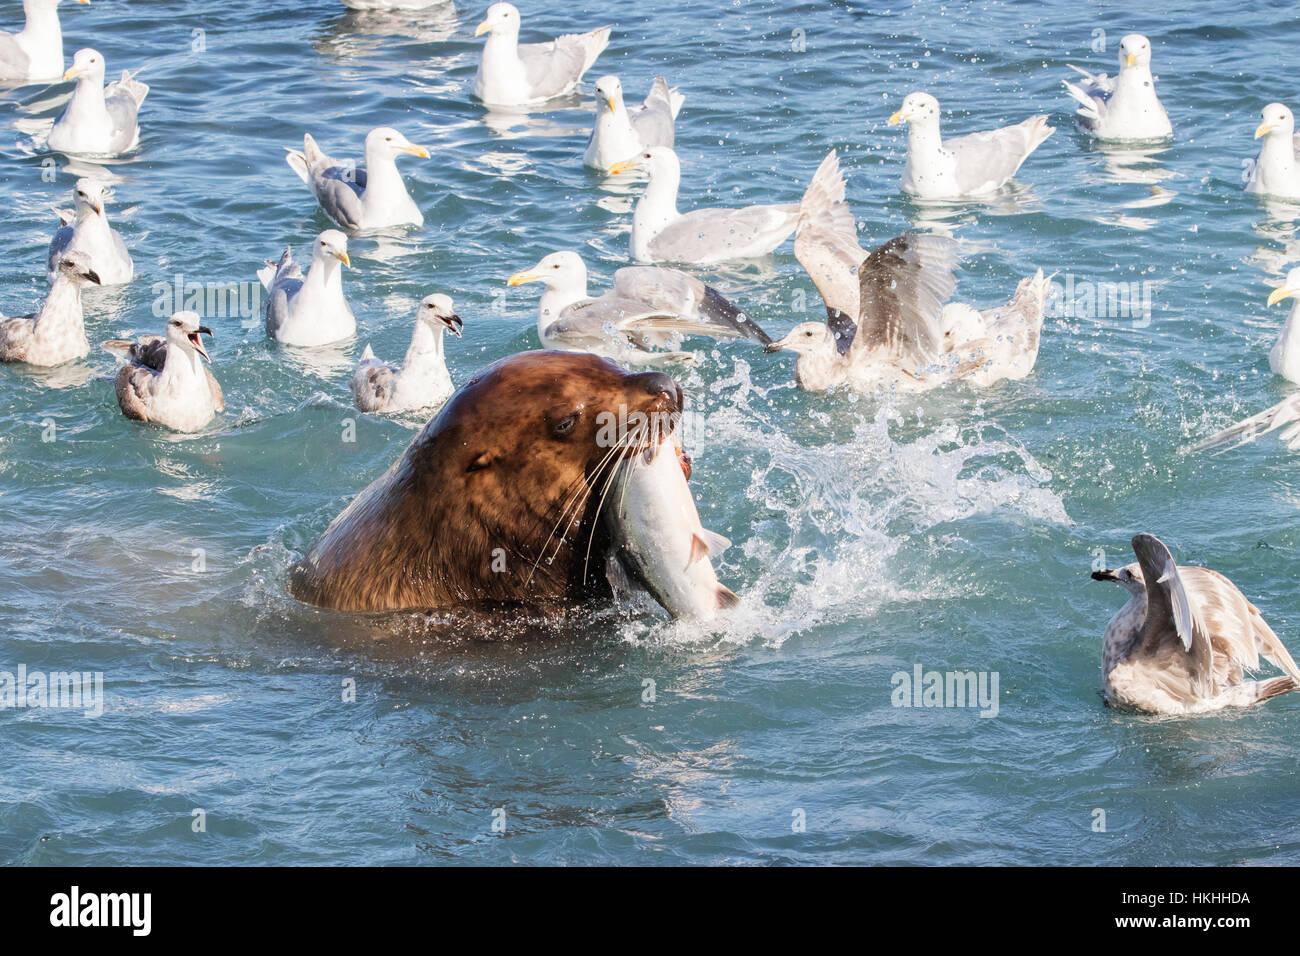 Un leone di mare nuota nel fish weir area e afferra un rosa salmone (Oncorhynchus gorbuscha), Allison punto, fuori Immagini Stock